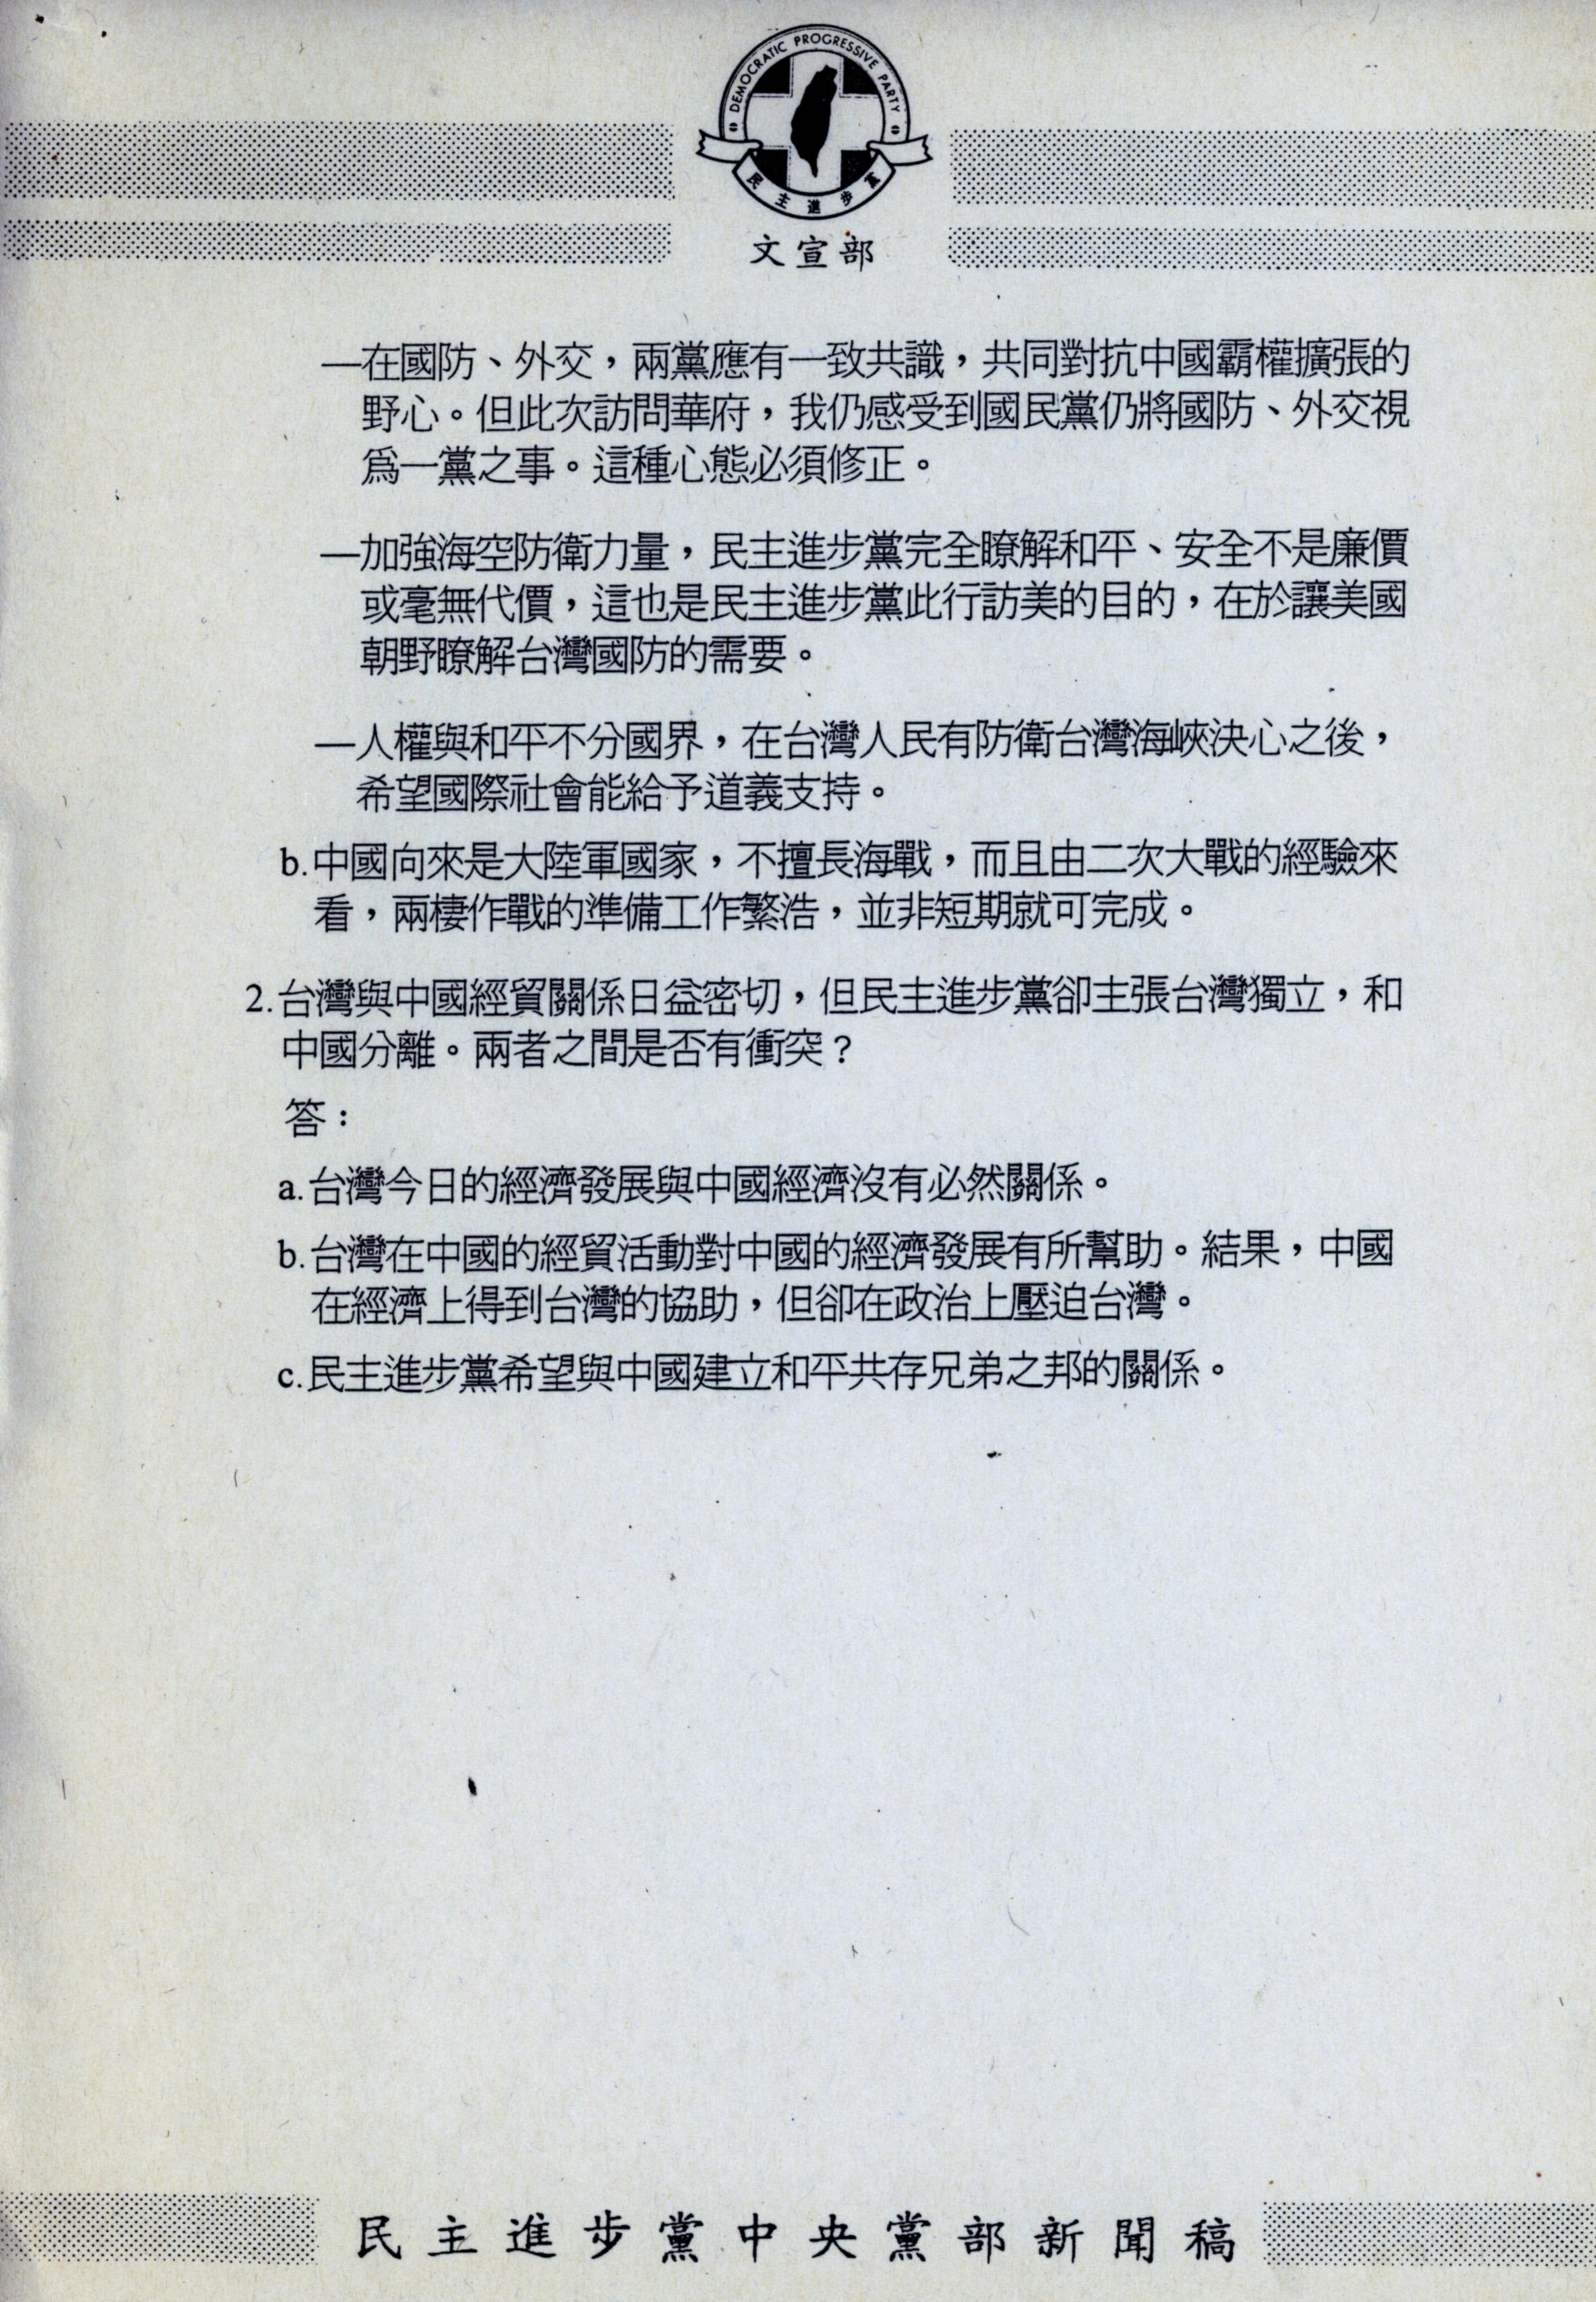 1995/9/15  民進黨施明德主席訪美新聞稿之二